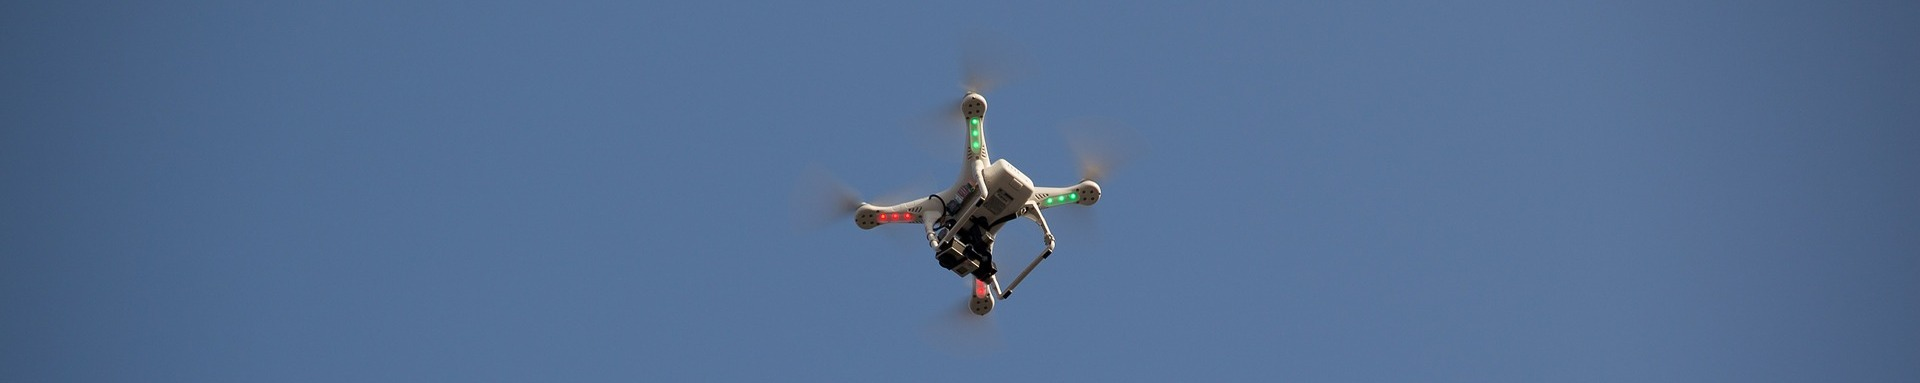 drone-464624_1920